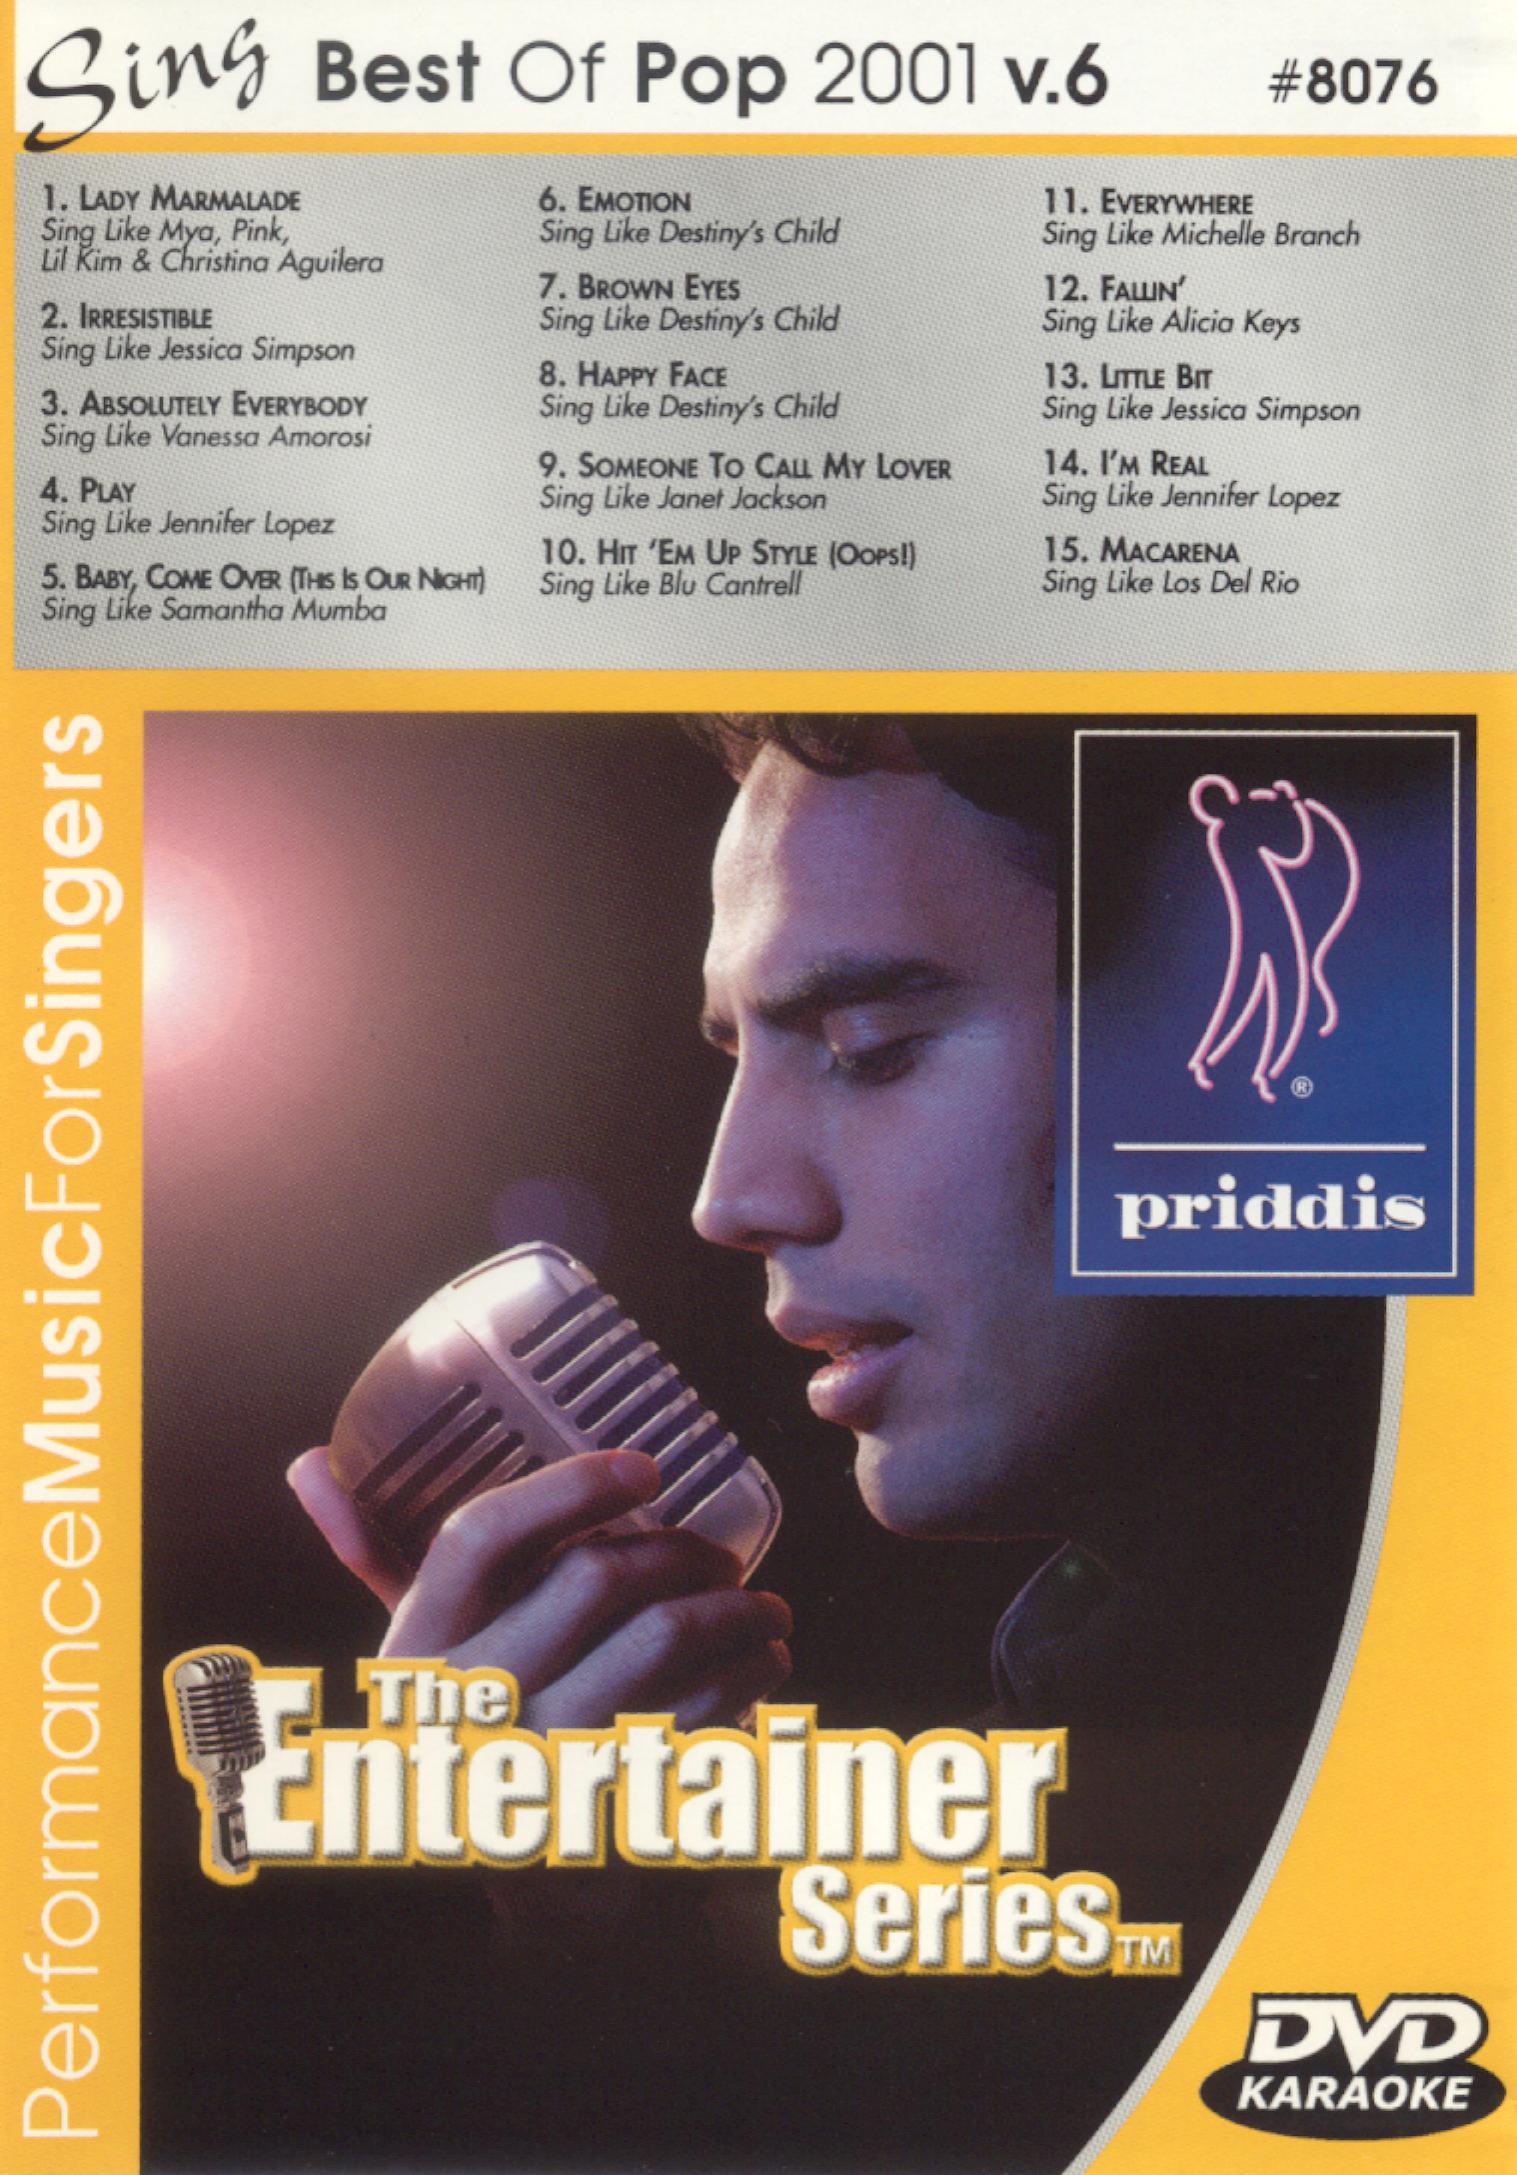 Best of Pop 2001, Vol. 6